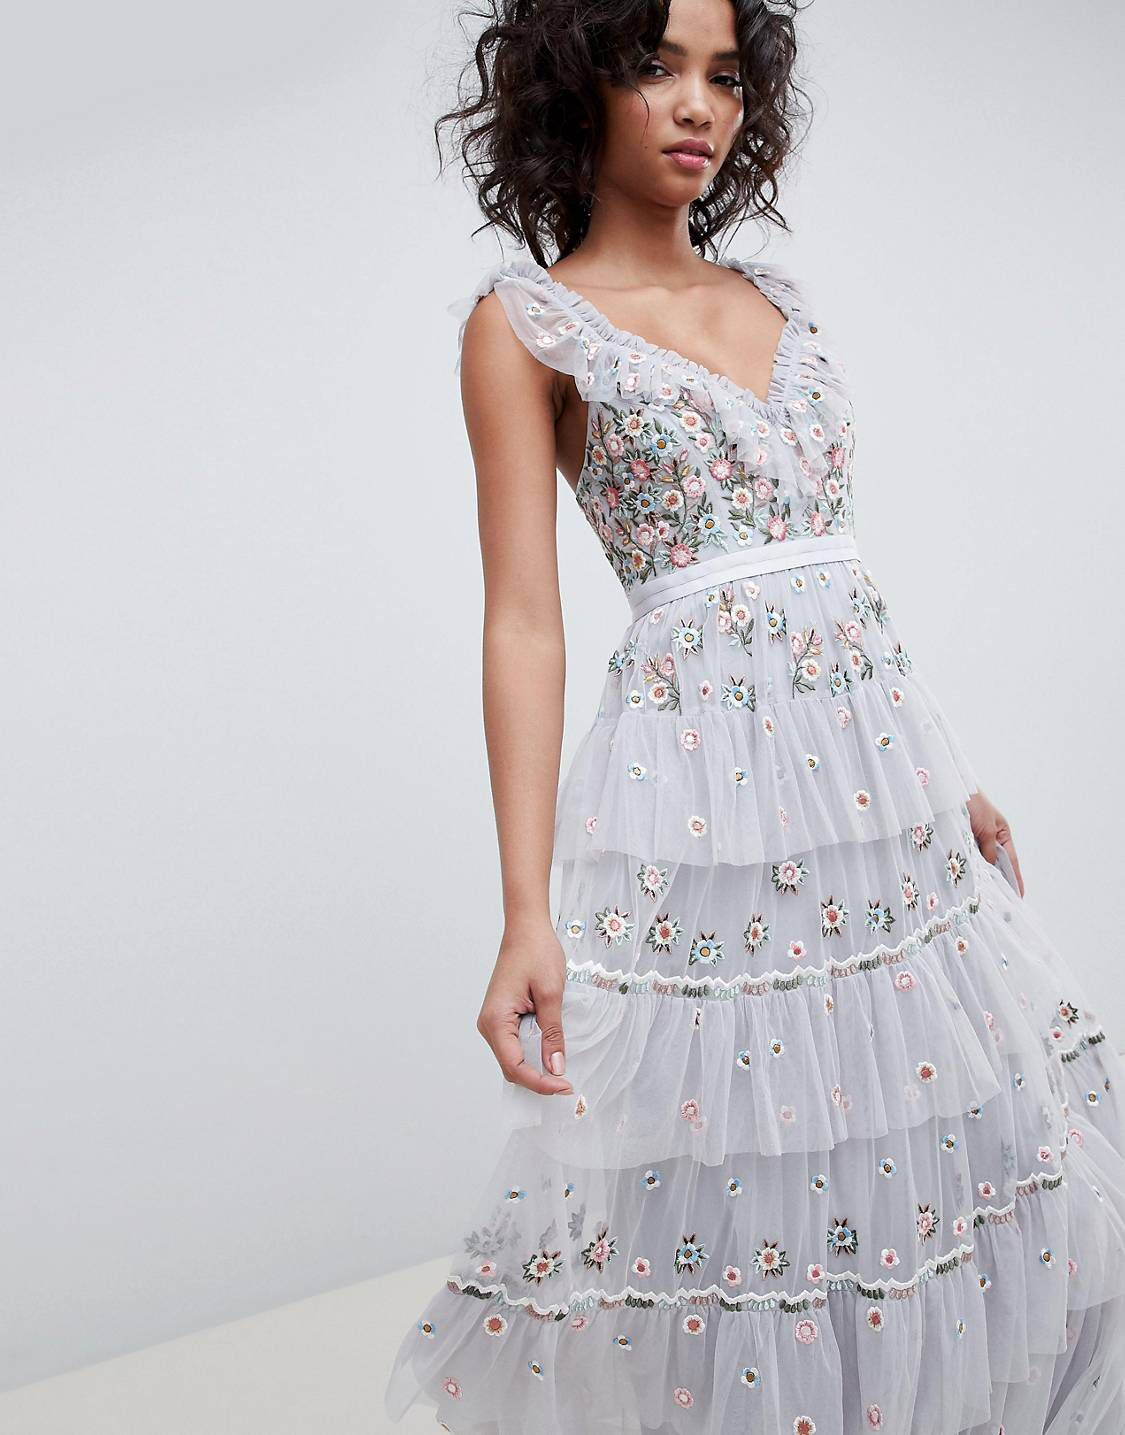 Pin von Kitty Clark auf prom in 2020 | Lässige kleider ...